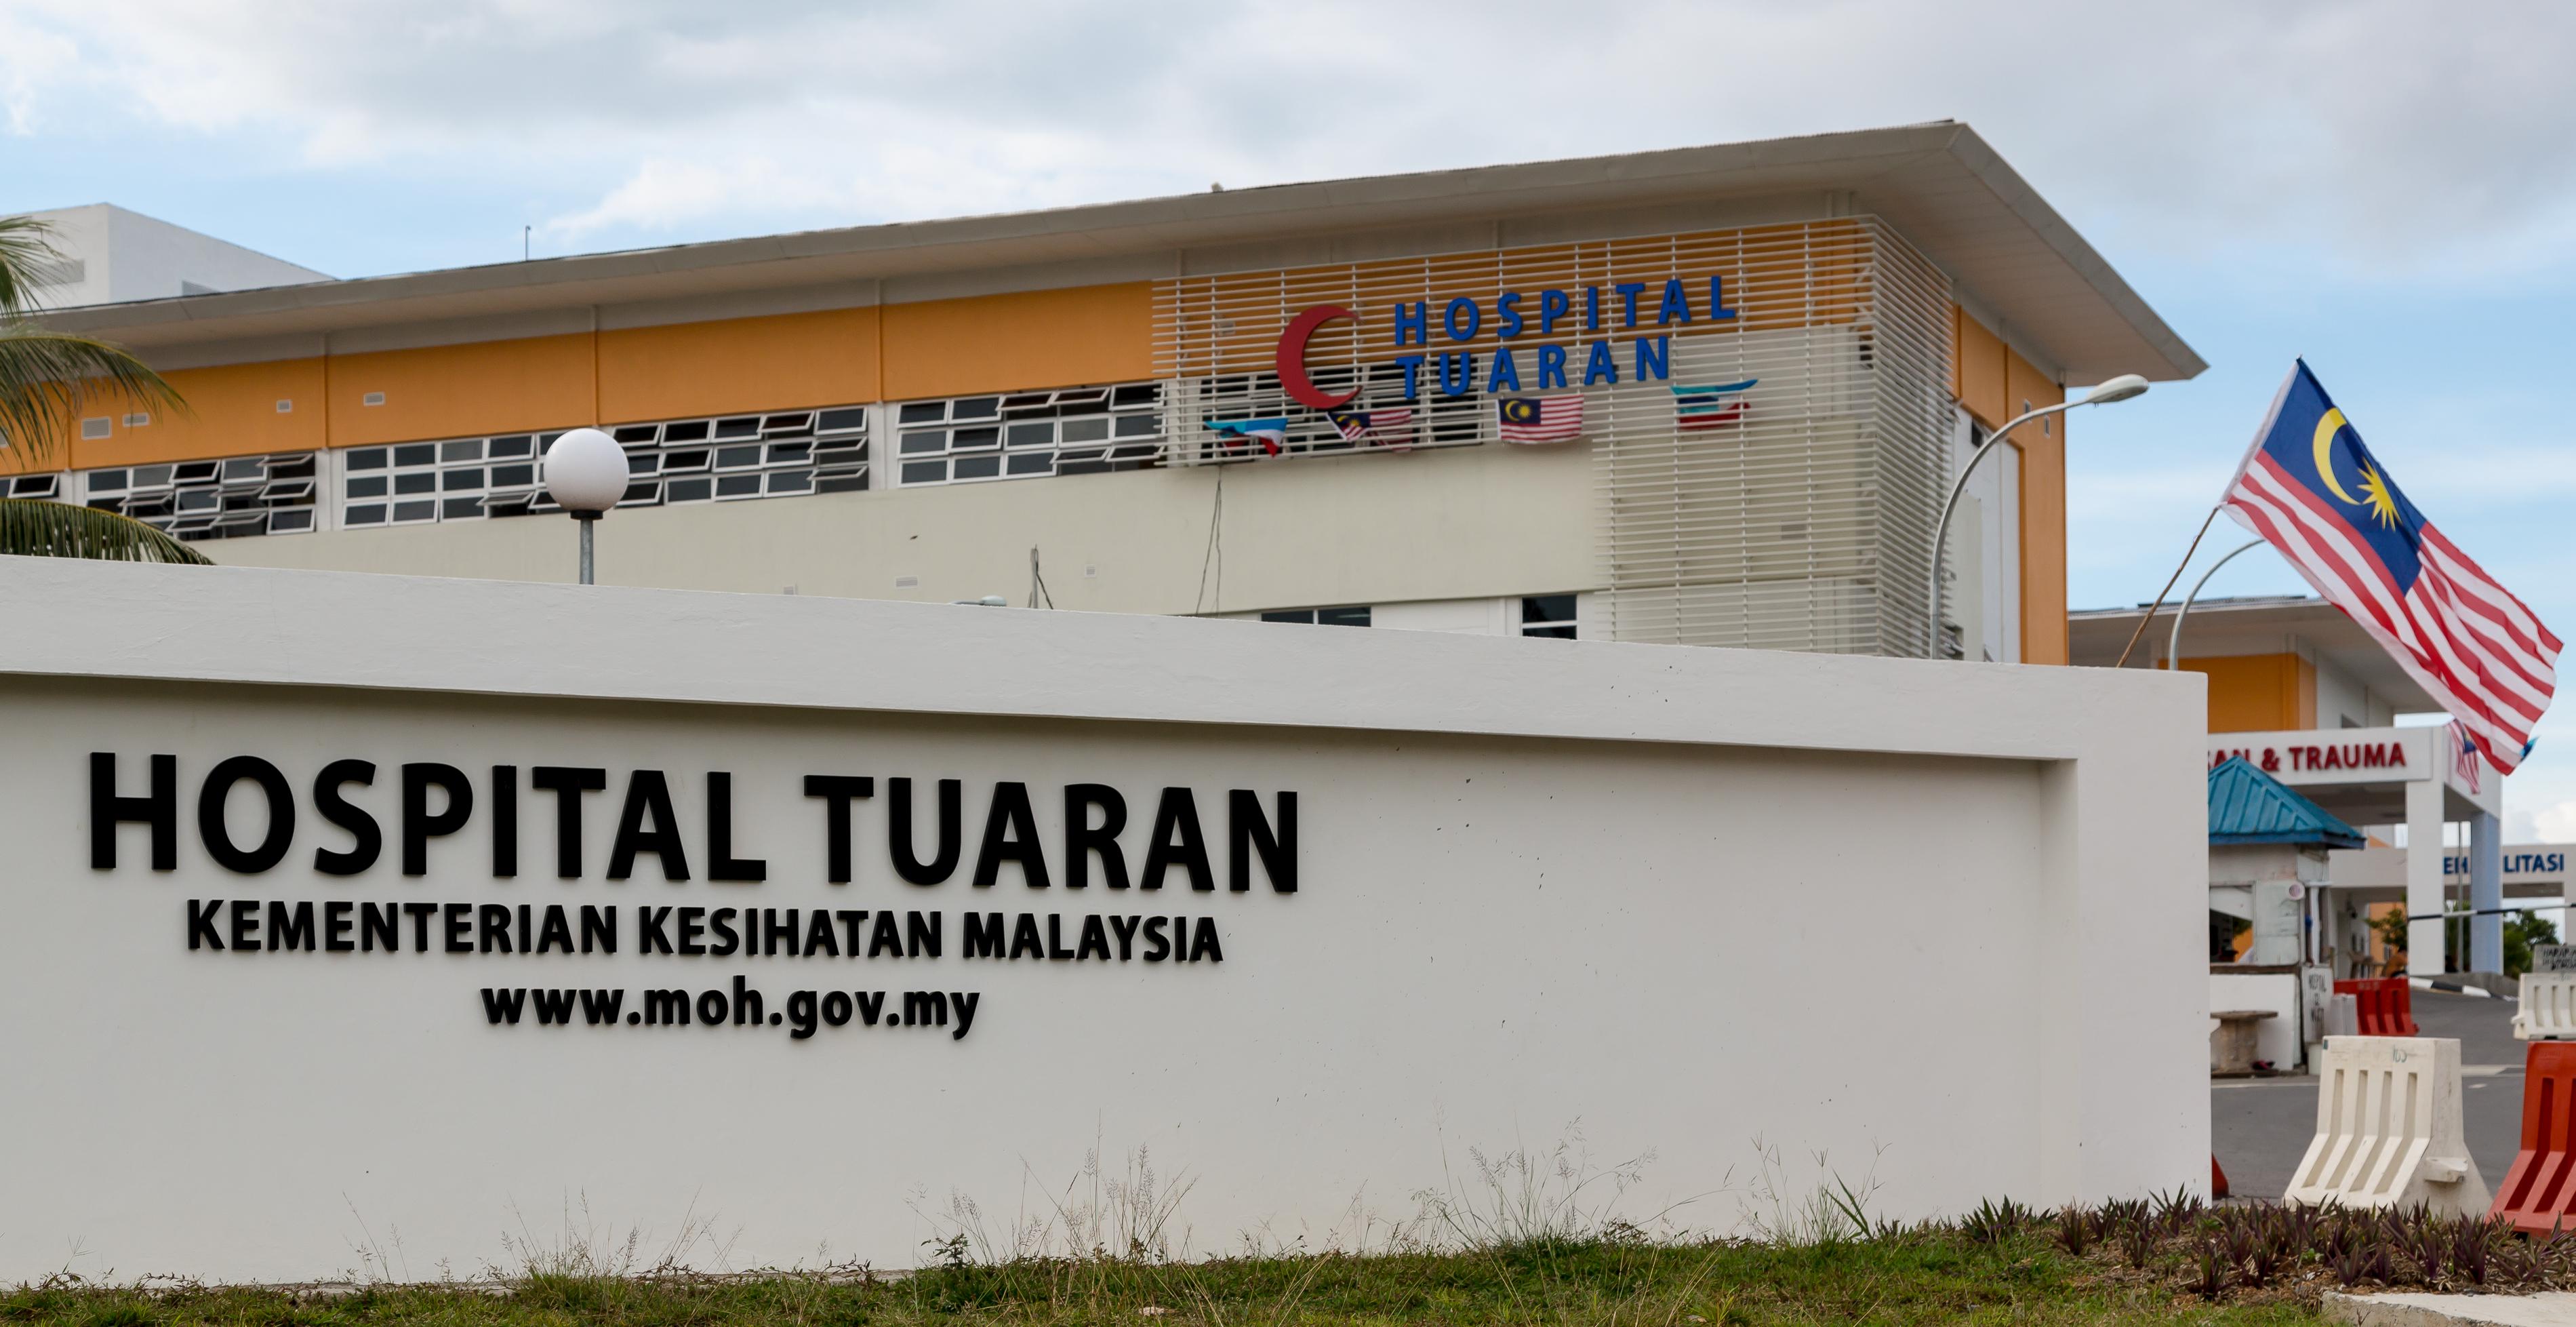 Uob malaysia forex exchange